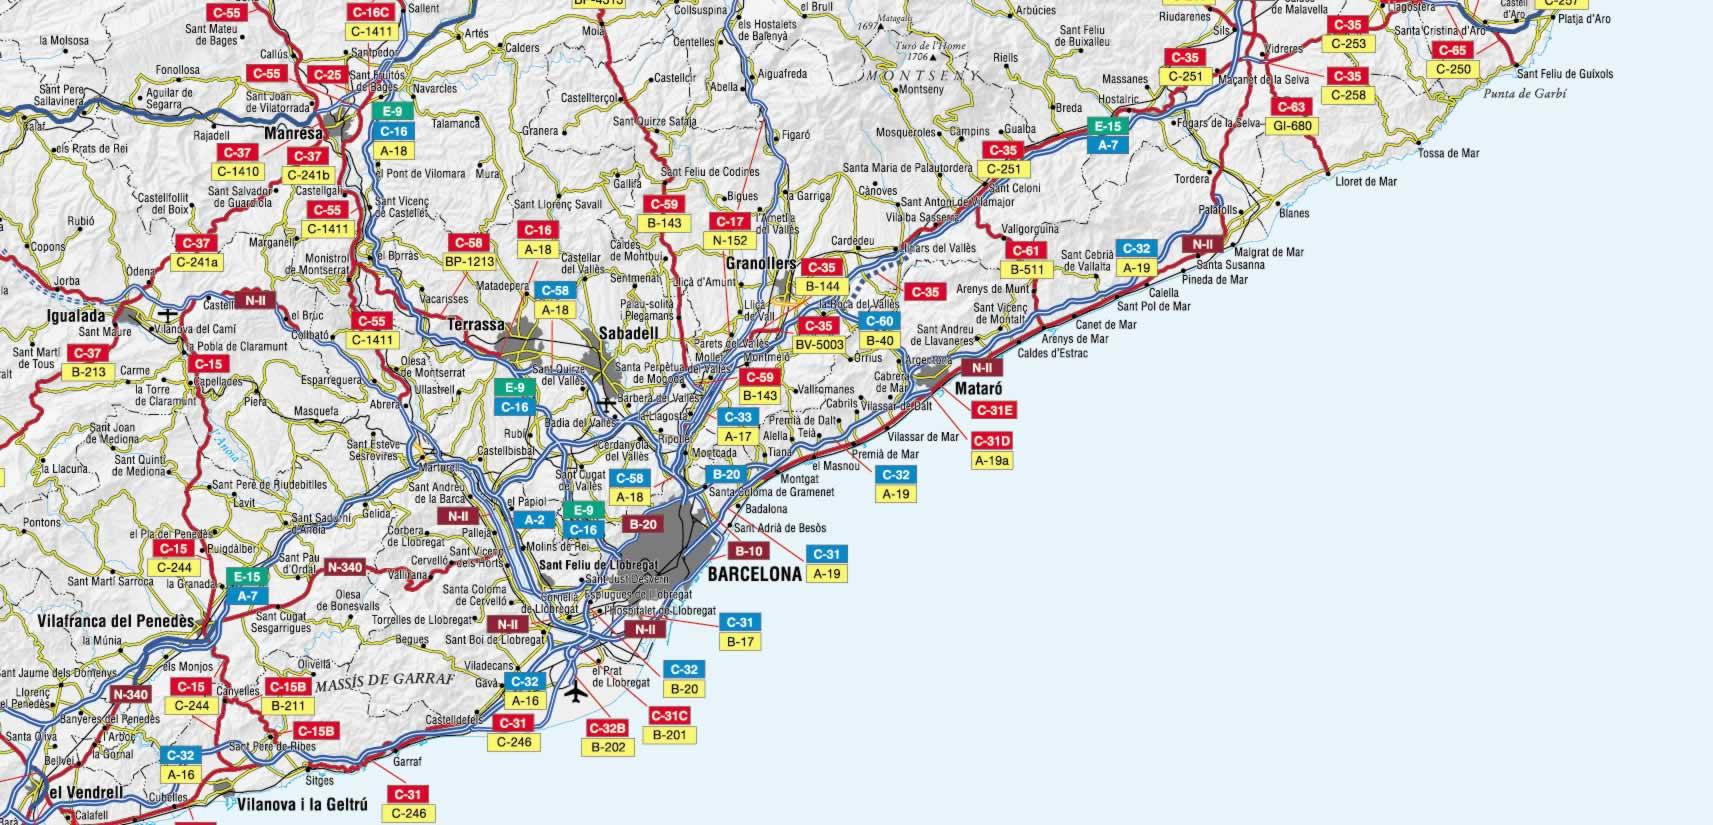 Mapa de acceso a Barcelona